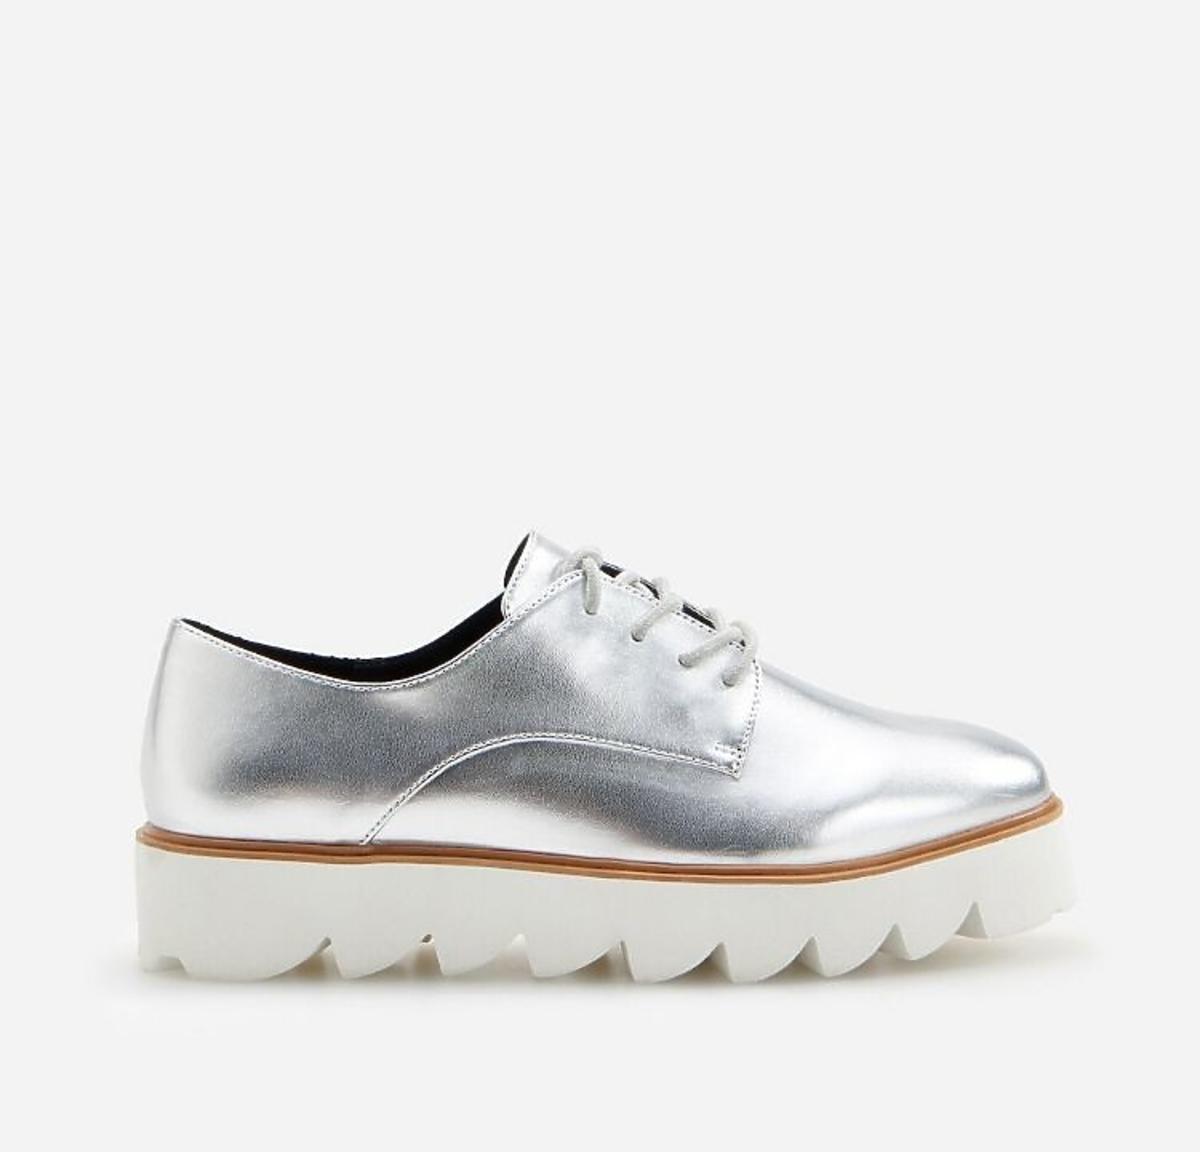 Srebrne buty na traperze z wyprzedaży w Reserved